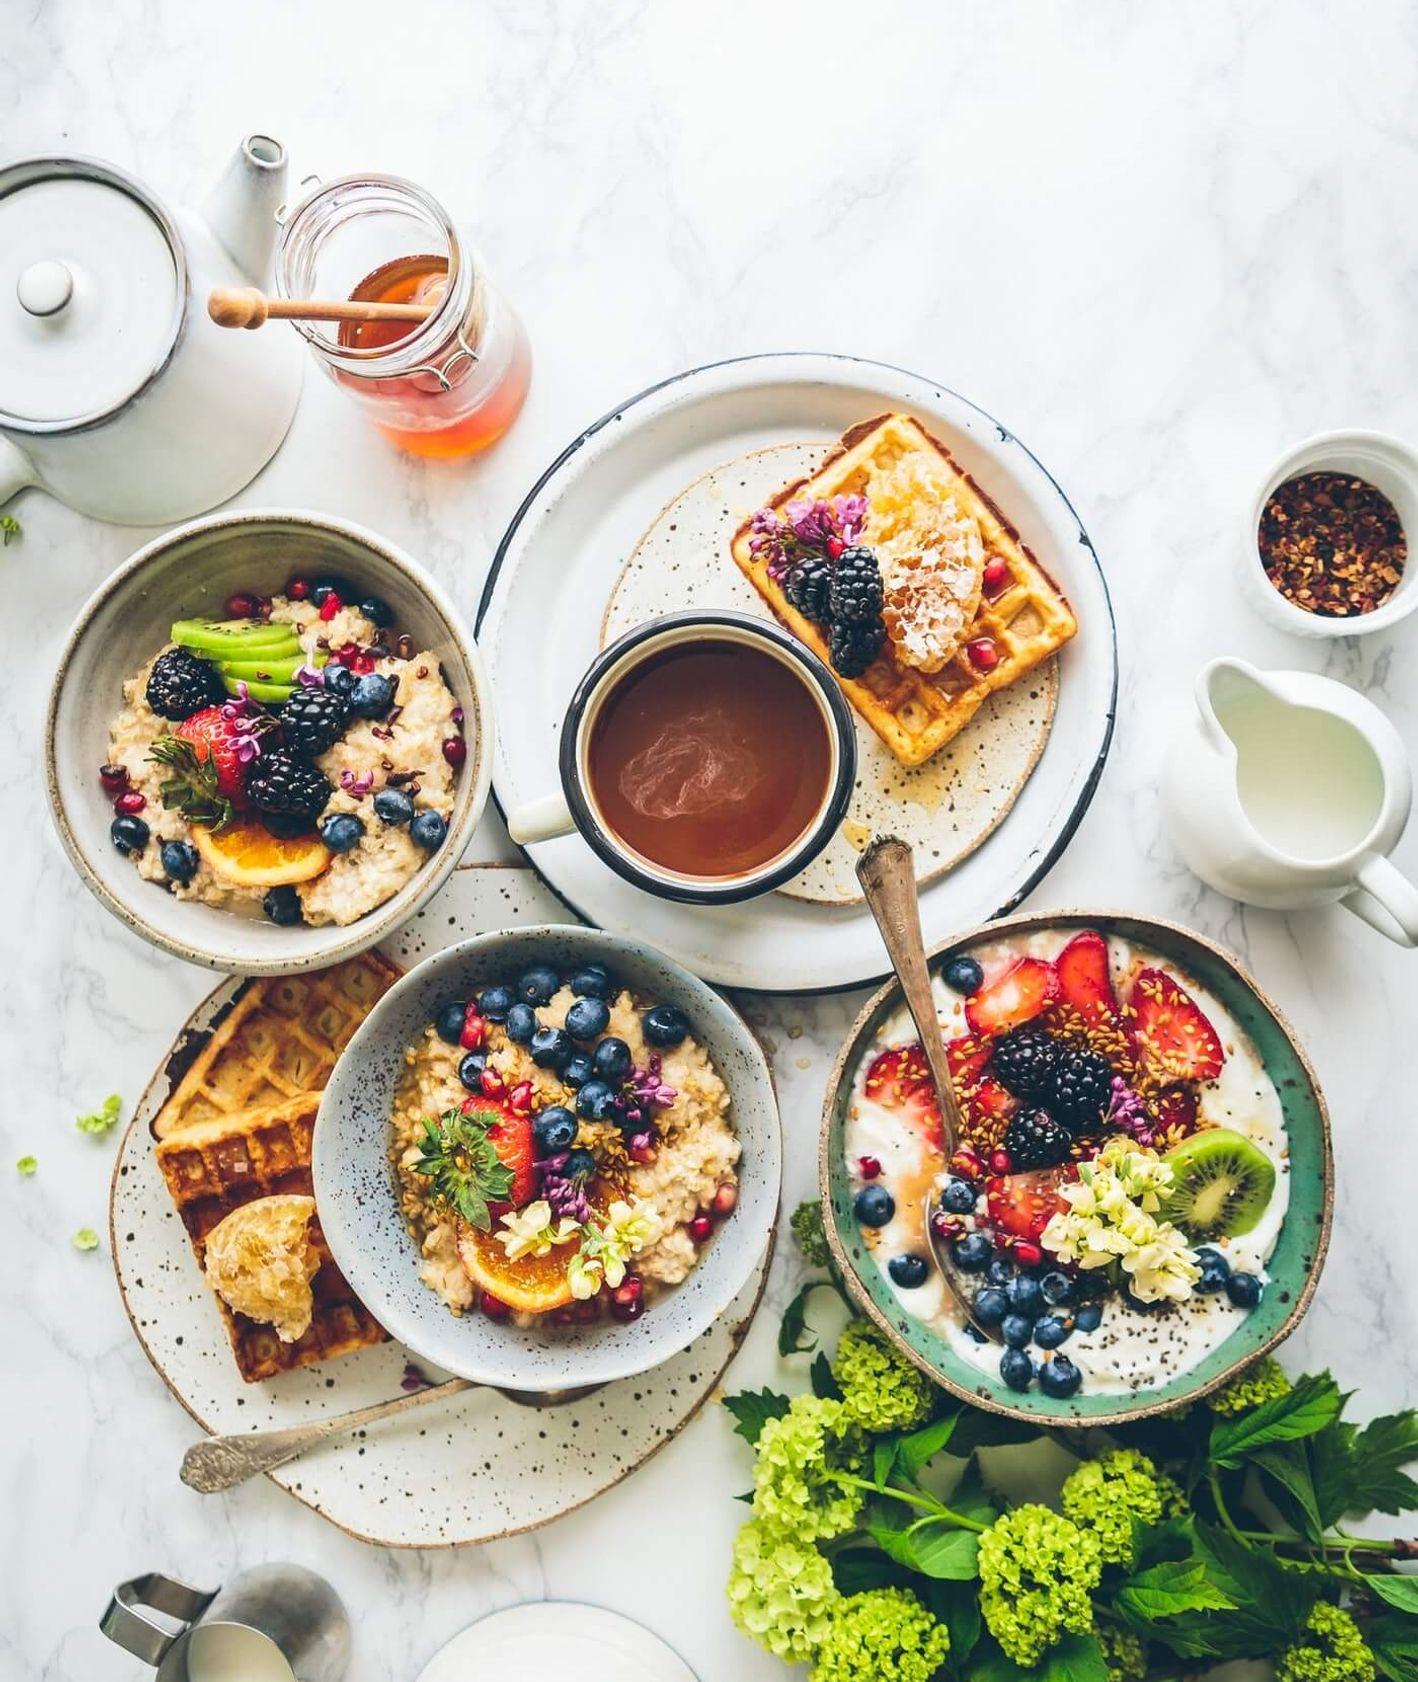 Śniadanie – gofry, sałatki, miód, kawa